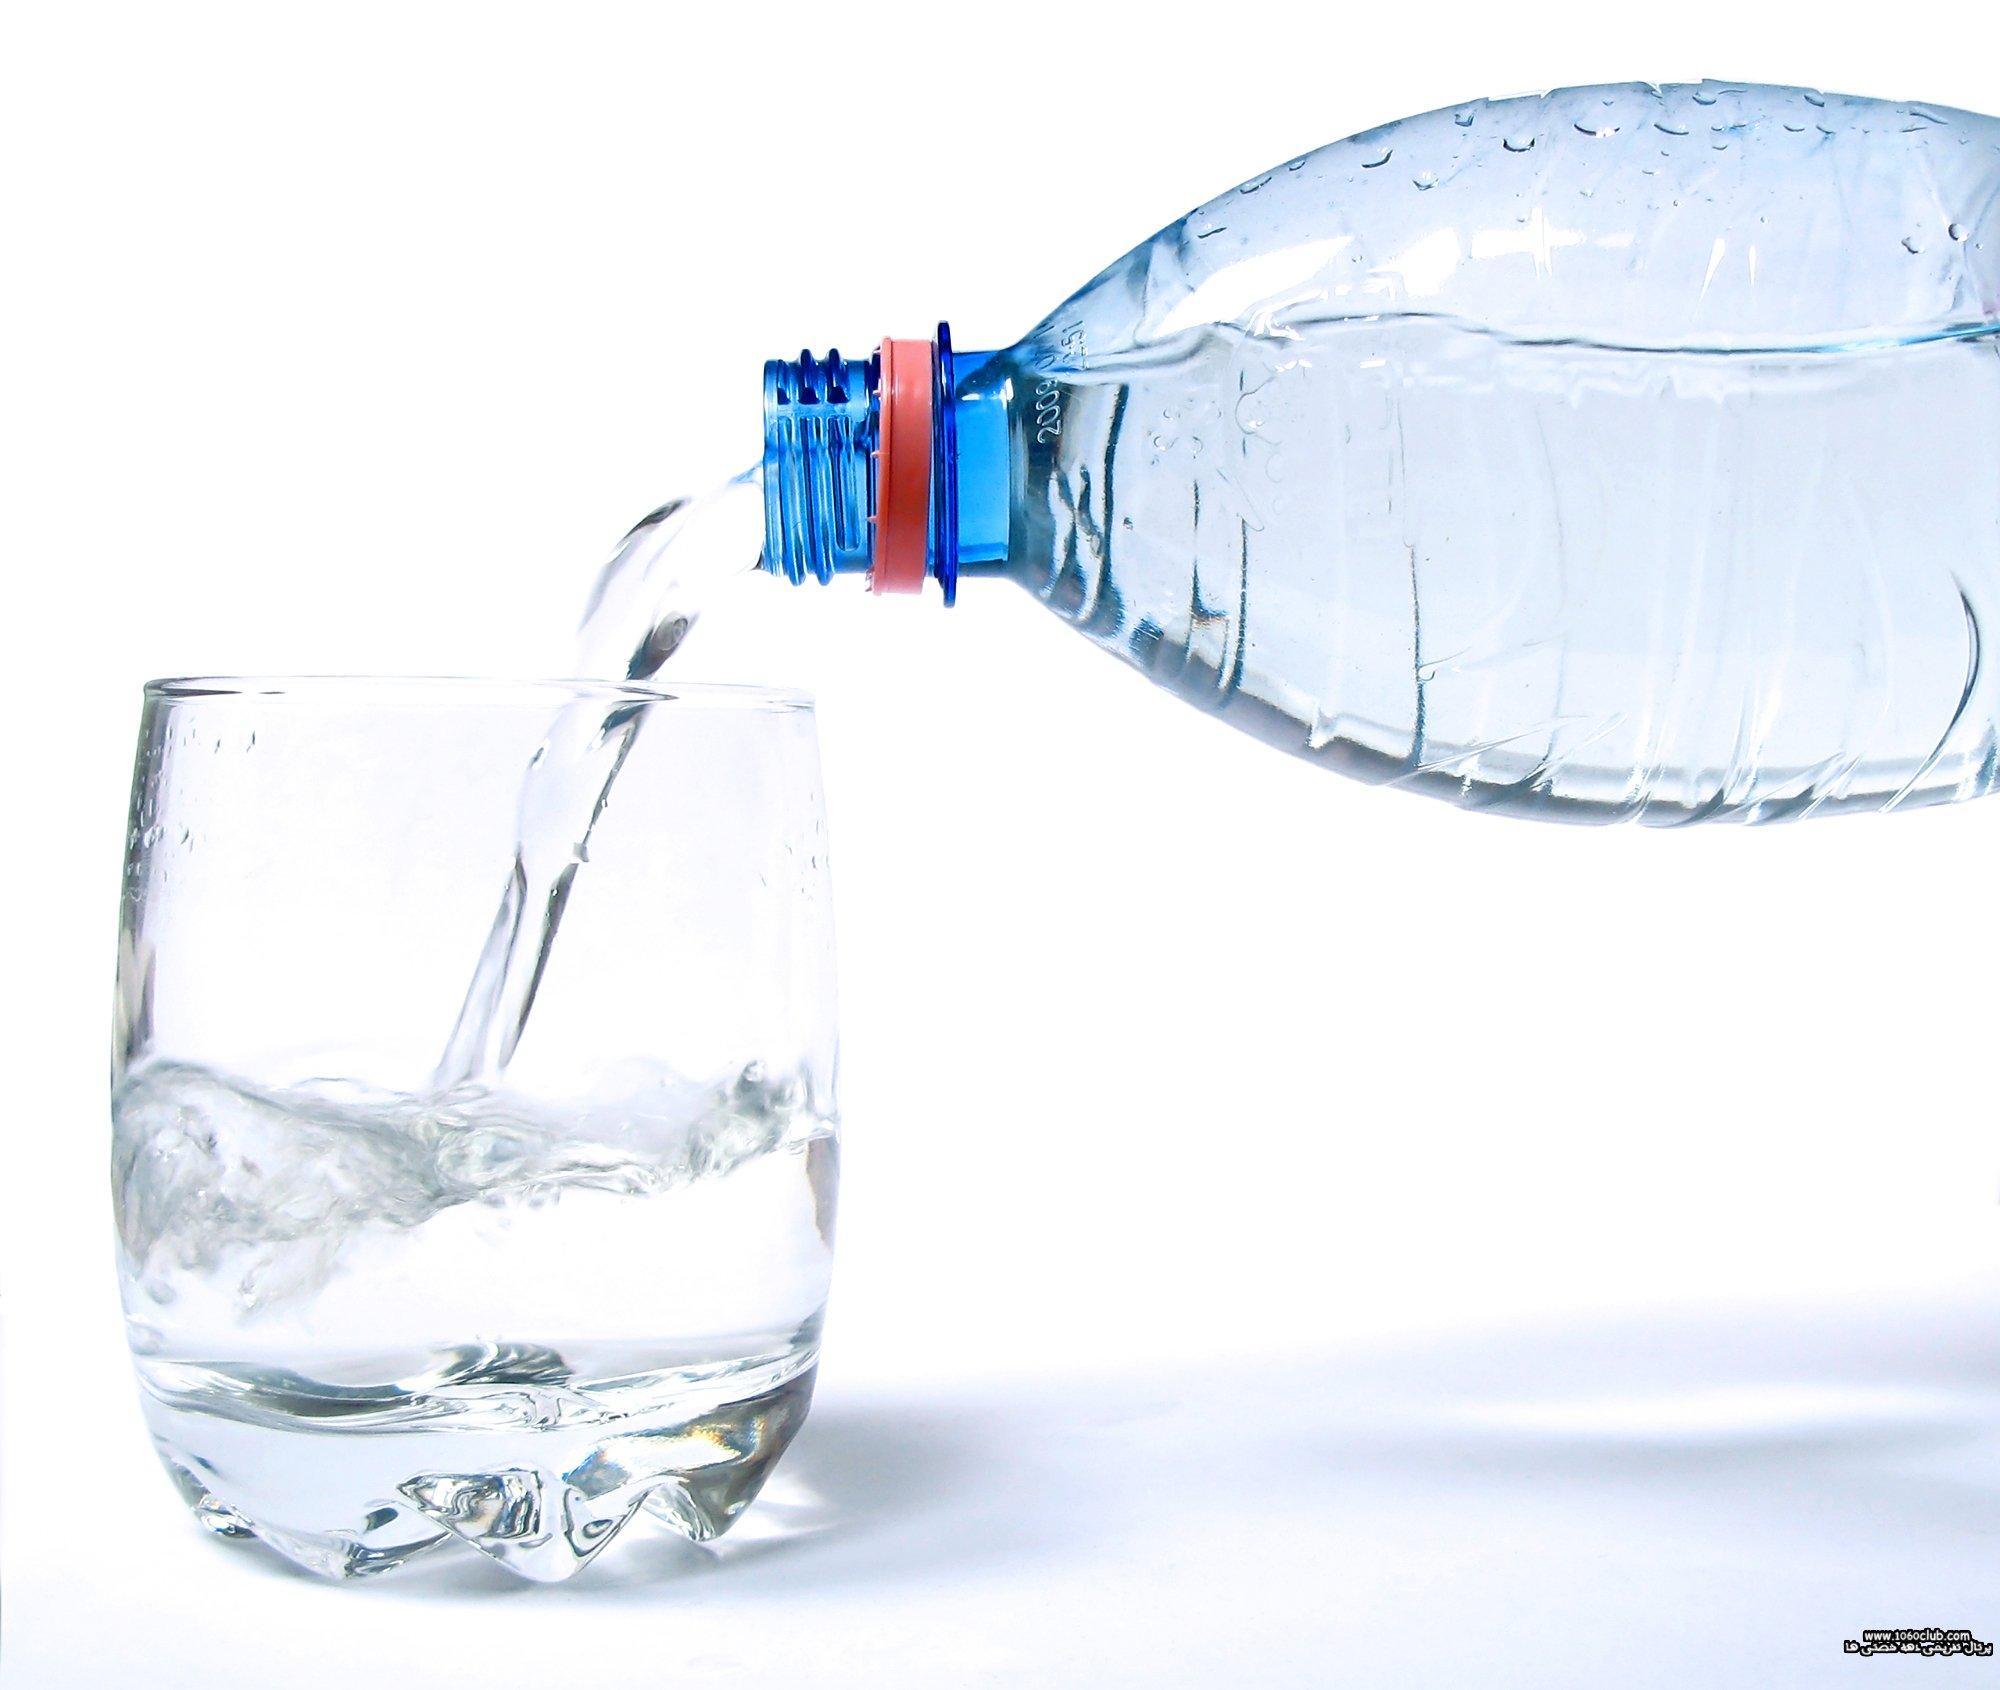 روش هایی برای جلوگیری از کاهش آب بدن در ماه رمضان